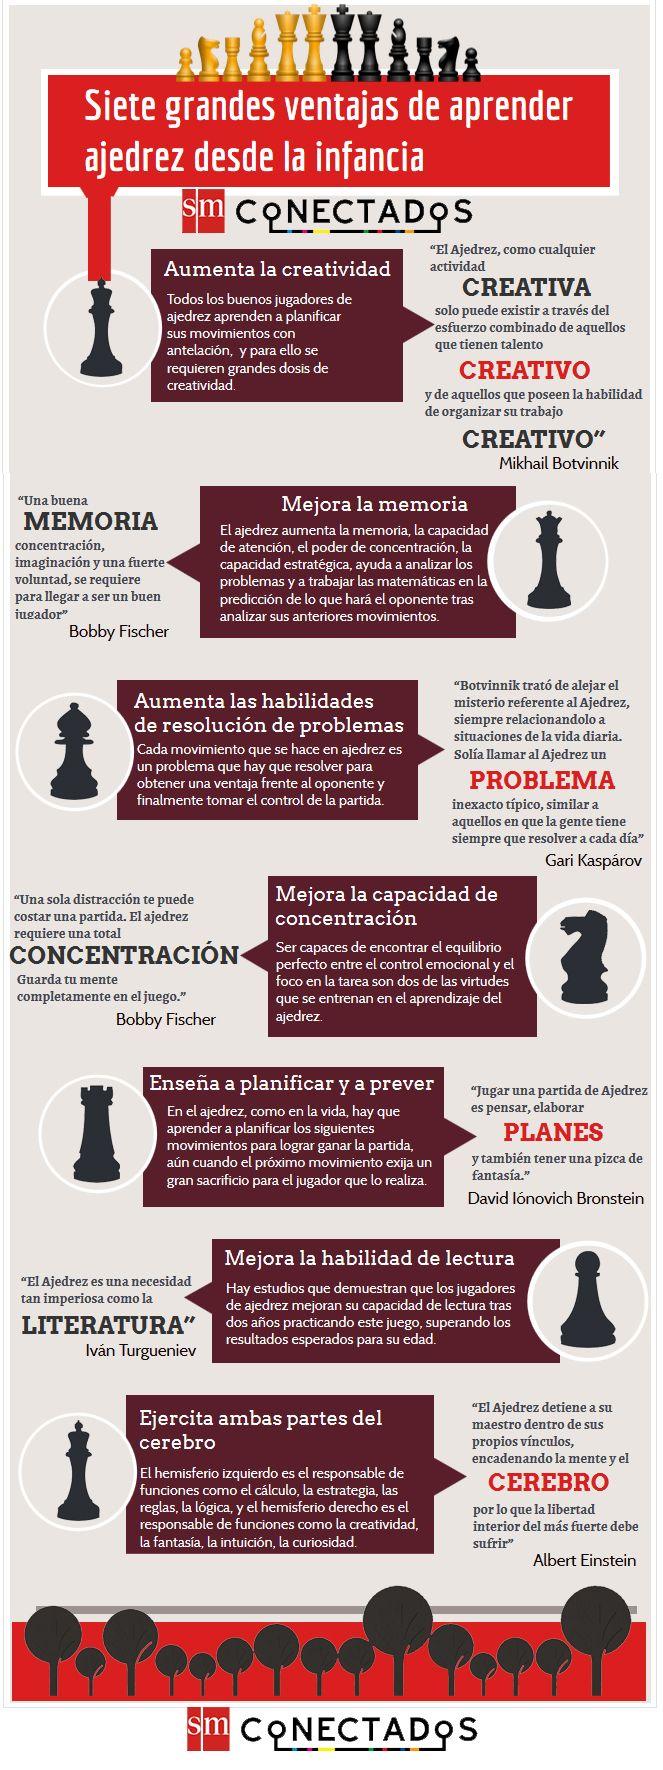 #Infografia Siete grandes ventajas de aprender ajedrez desde la infancia